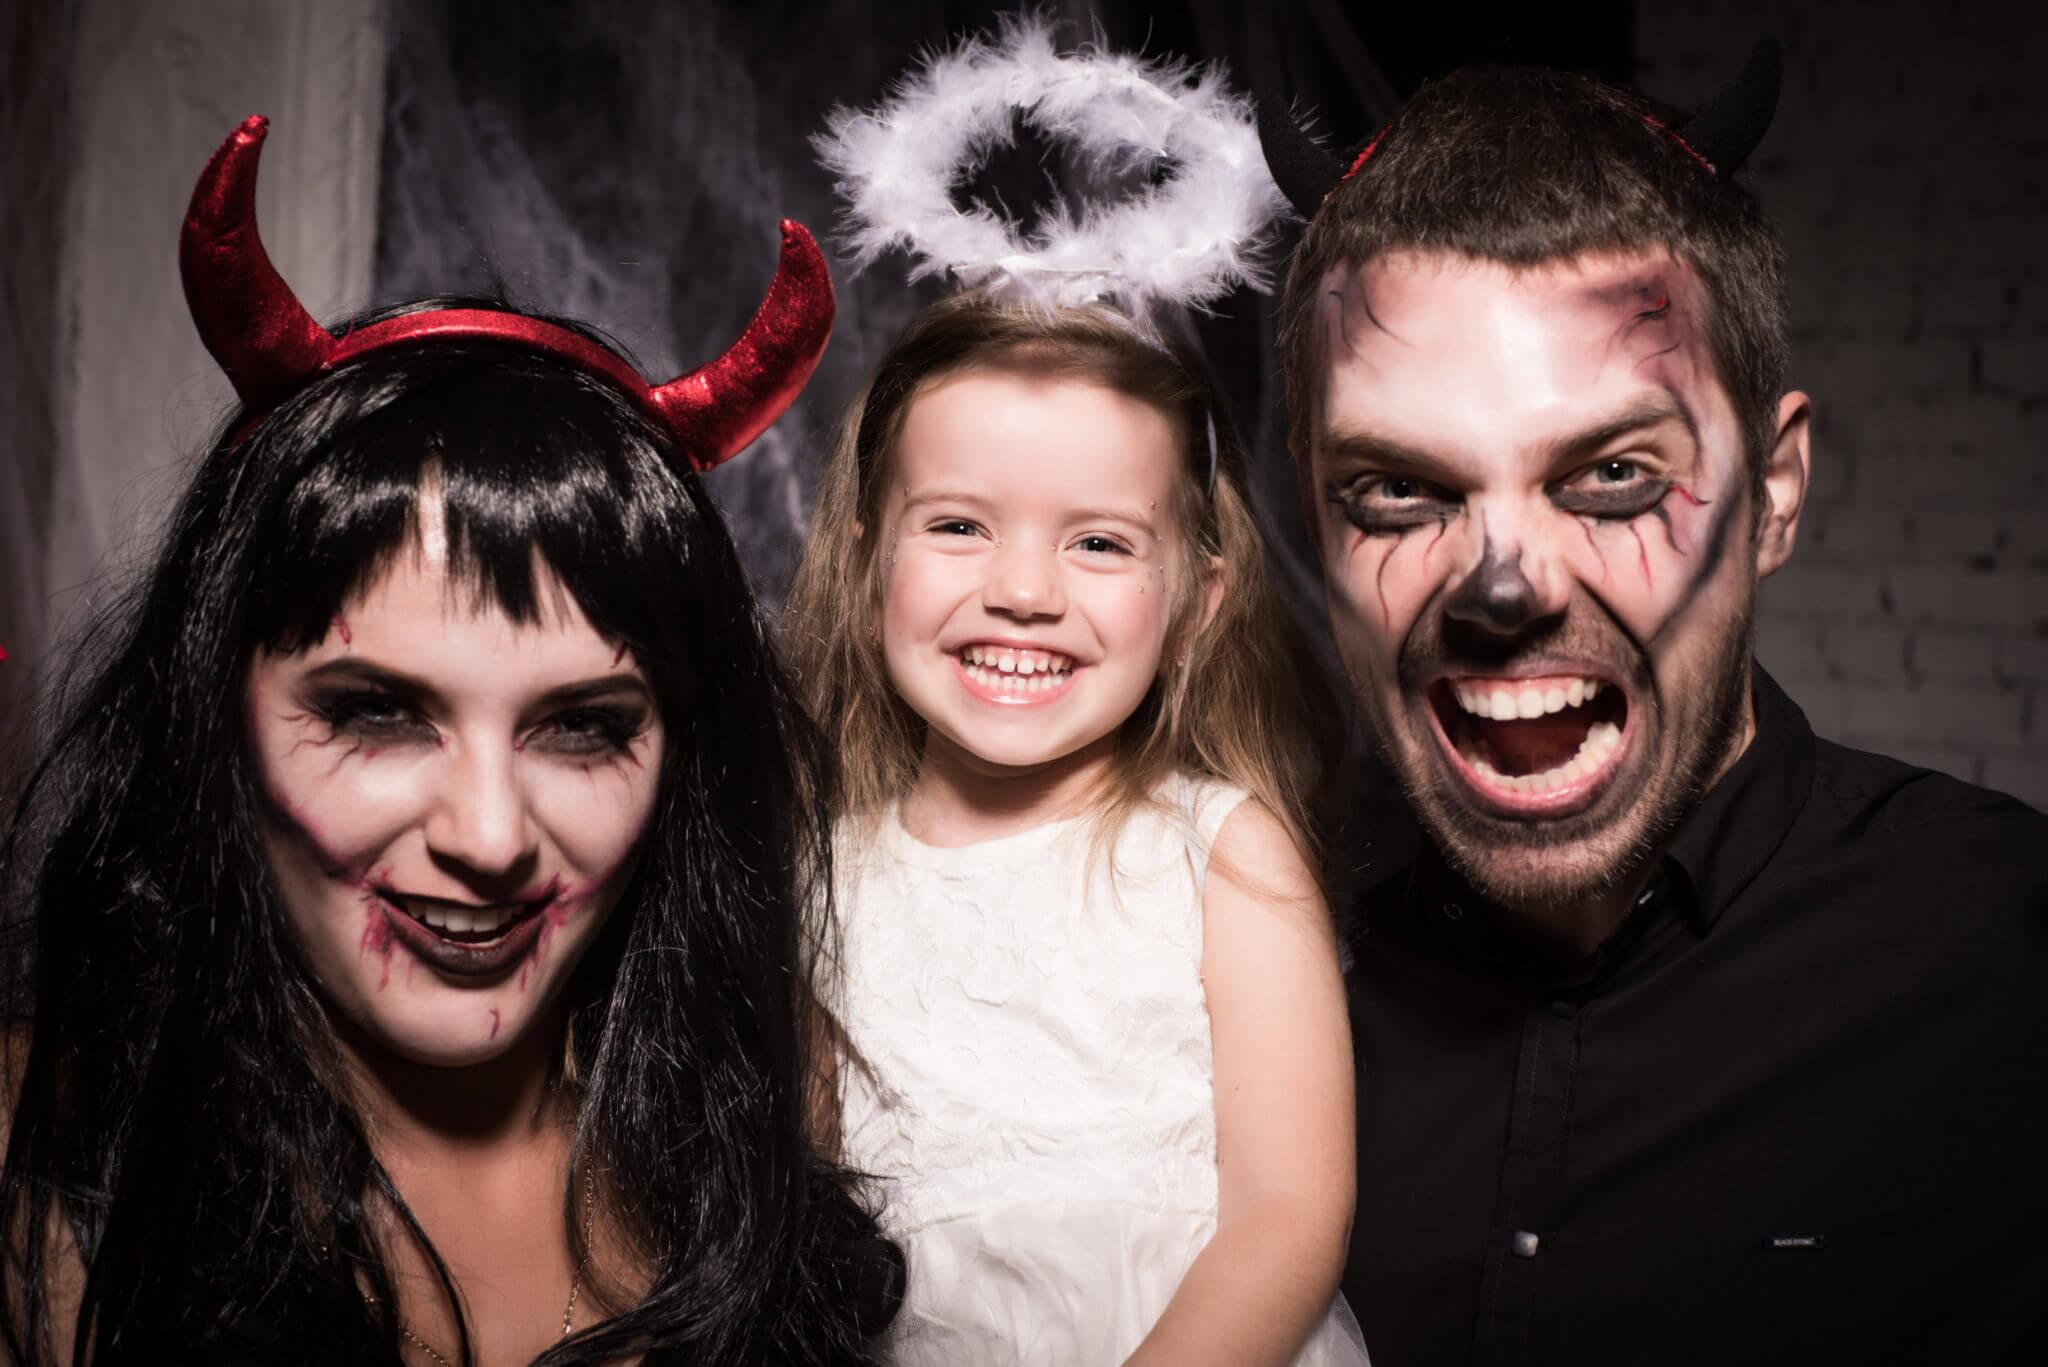 Фотосессия на Хэллоуин, ph Постникова Алиса, семейная фотосессия